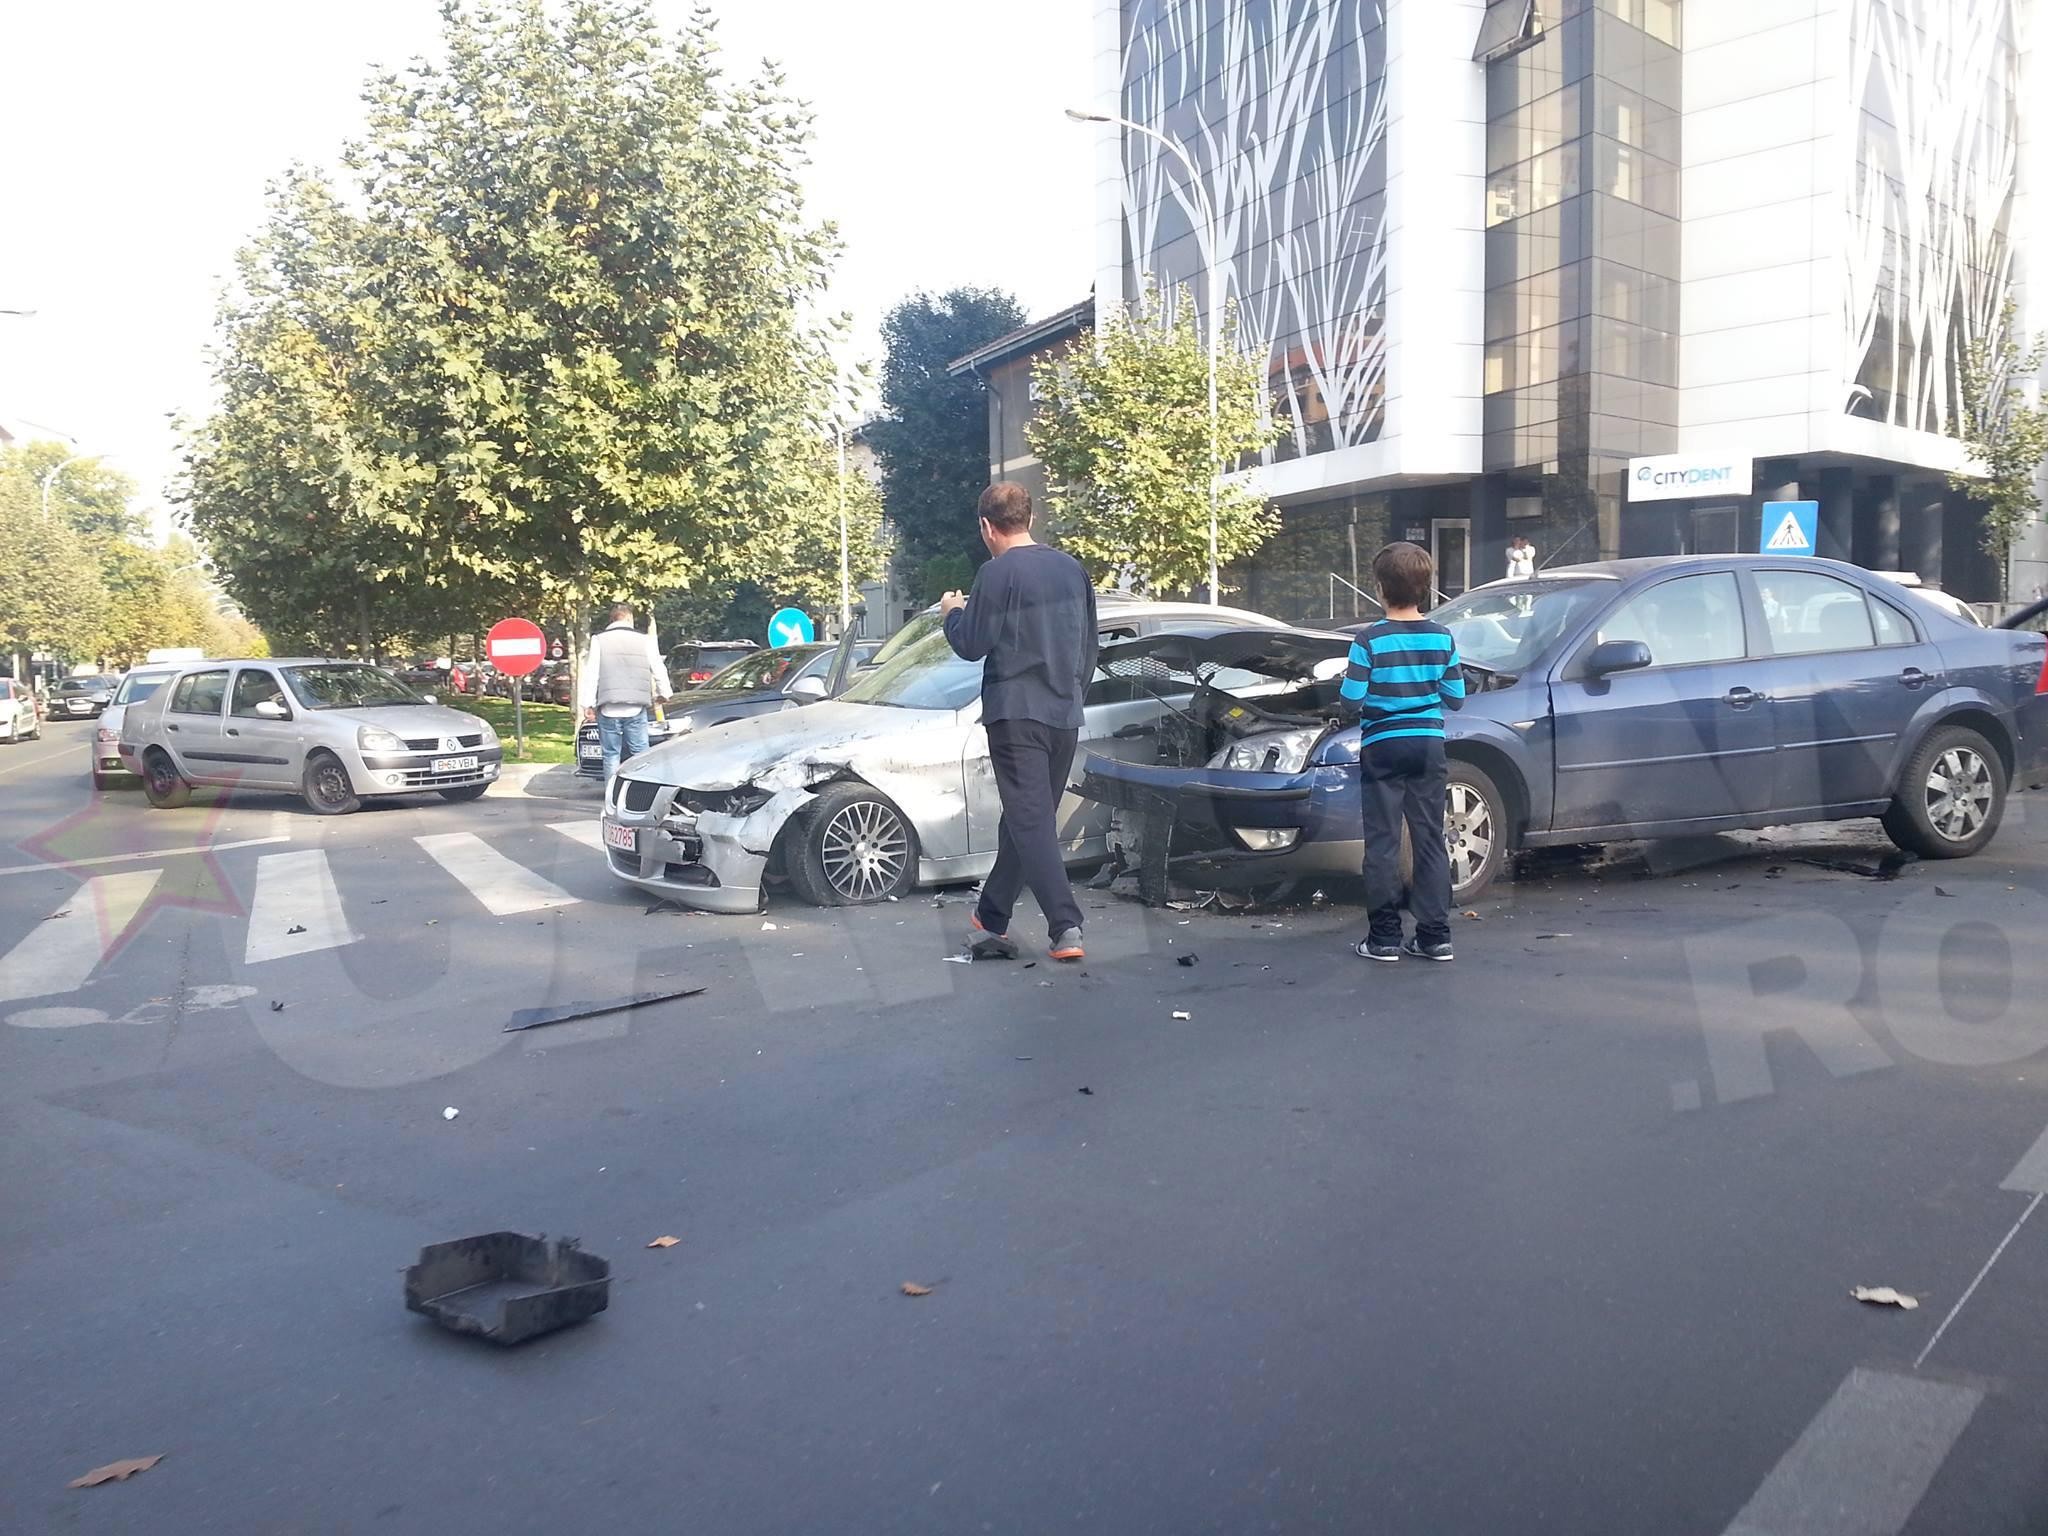 Cele doua masini implicate in accident au fost avariate destul de serios foto: Tiberiu Lovin